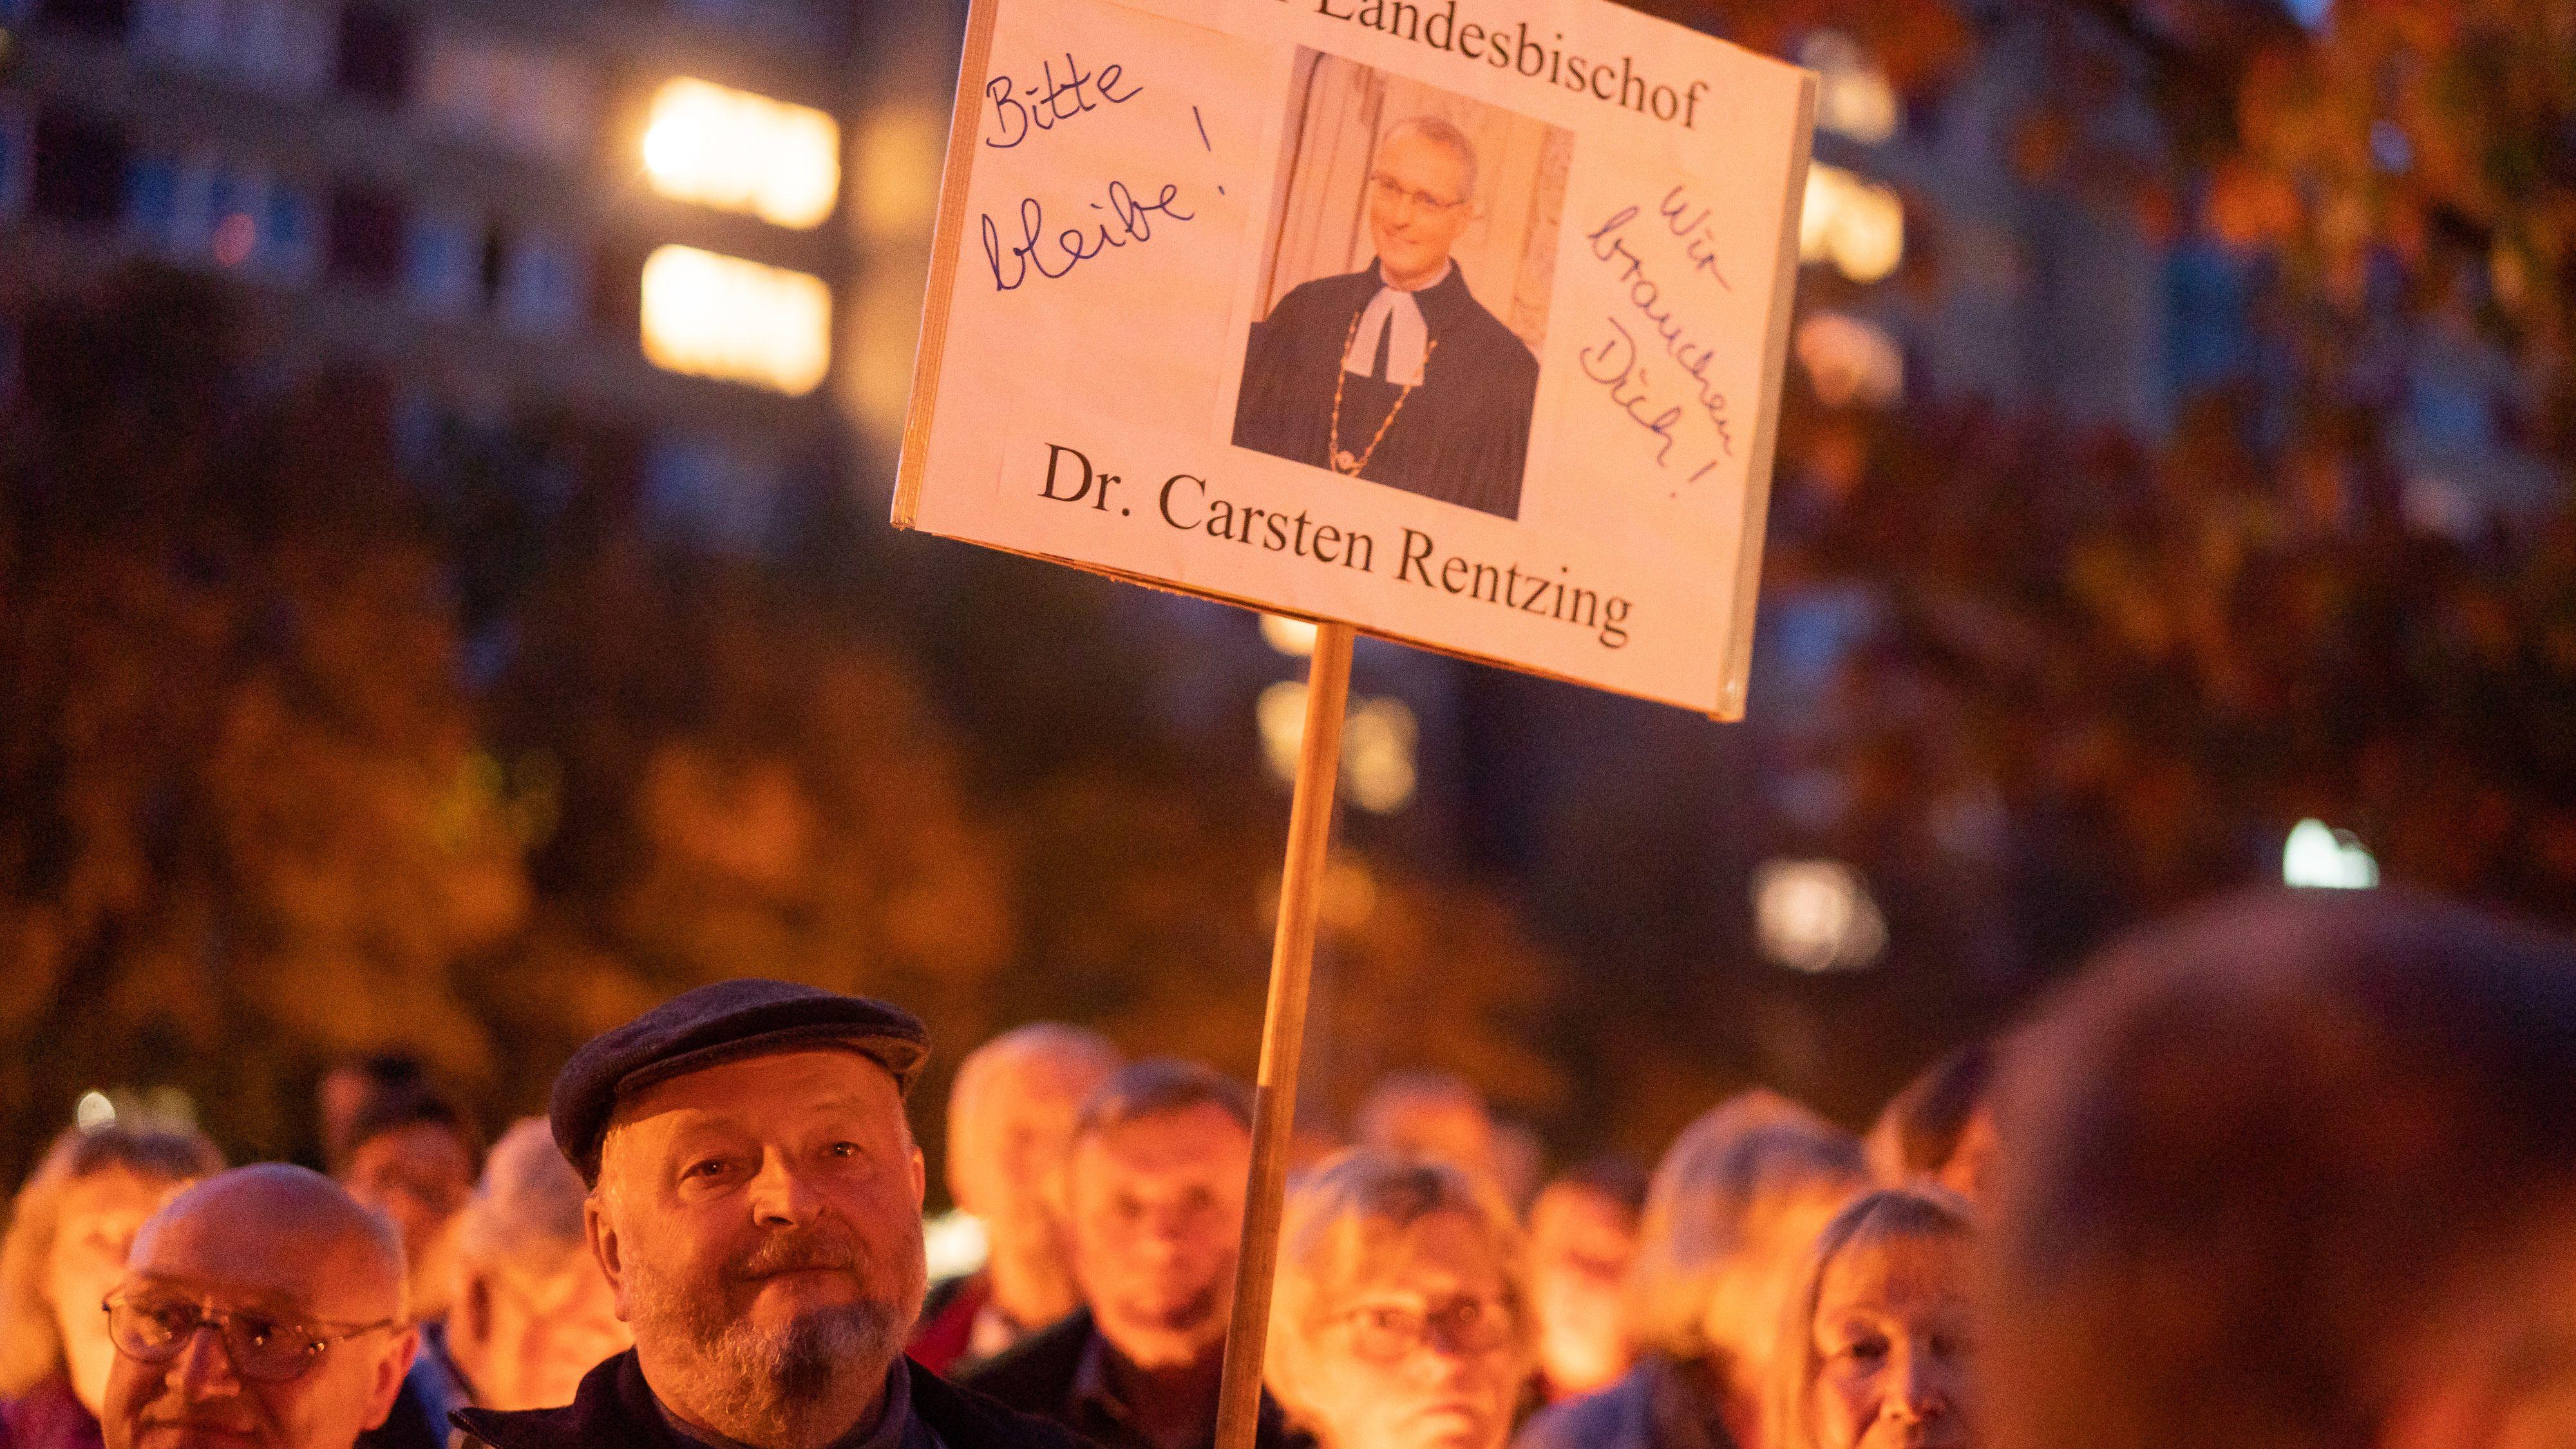 21.10.2019, Sachsen, Dresden: Zahlreiche Menschen stehen vor dem Landeskirchenamt in Dresden bei einer Mahnwache zusammen. Die Leitung der evangelischen Landeskirche gibt währenddessen eine Pressekonferenz zum Umgang der Kirche mit dem Rücktrittsgesuchs von Landesbischof Carsten Rentzing.